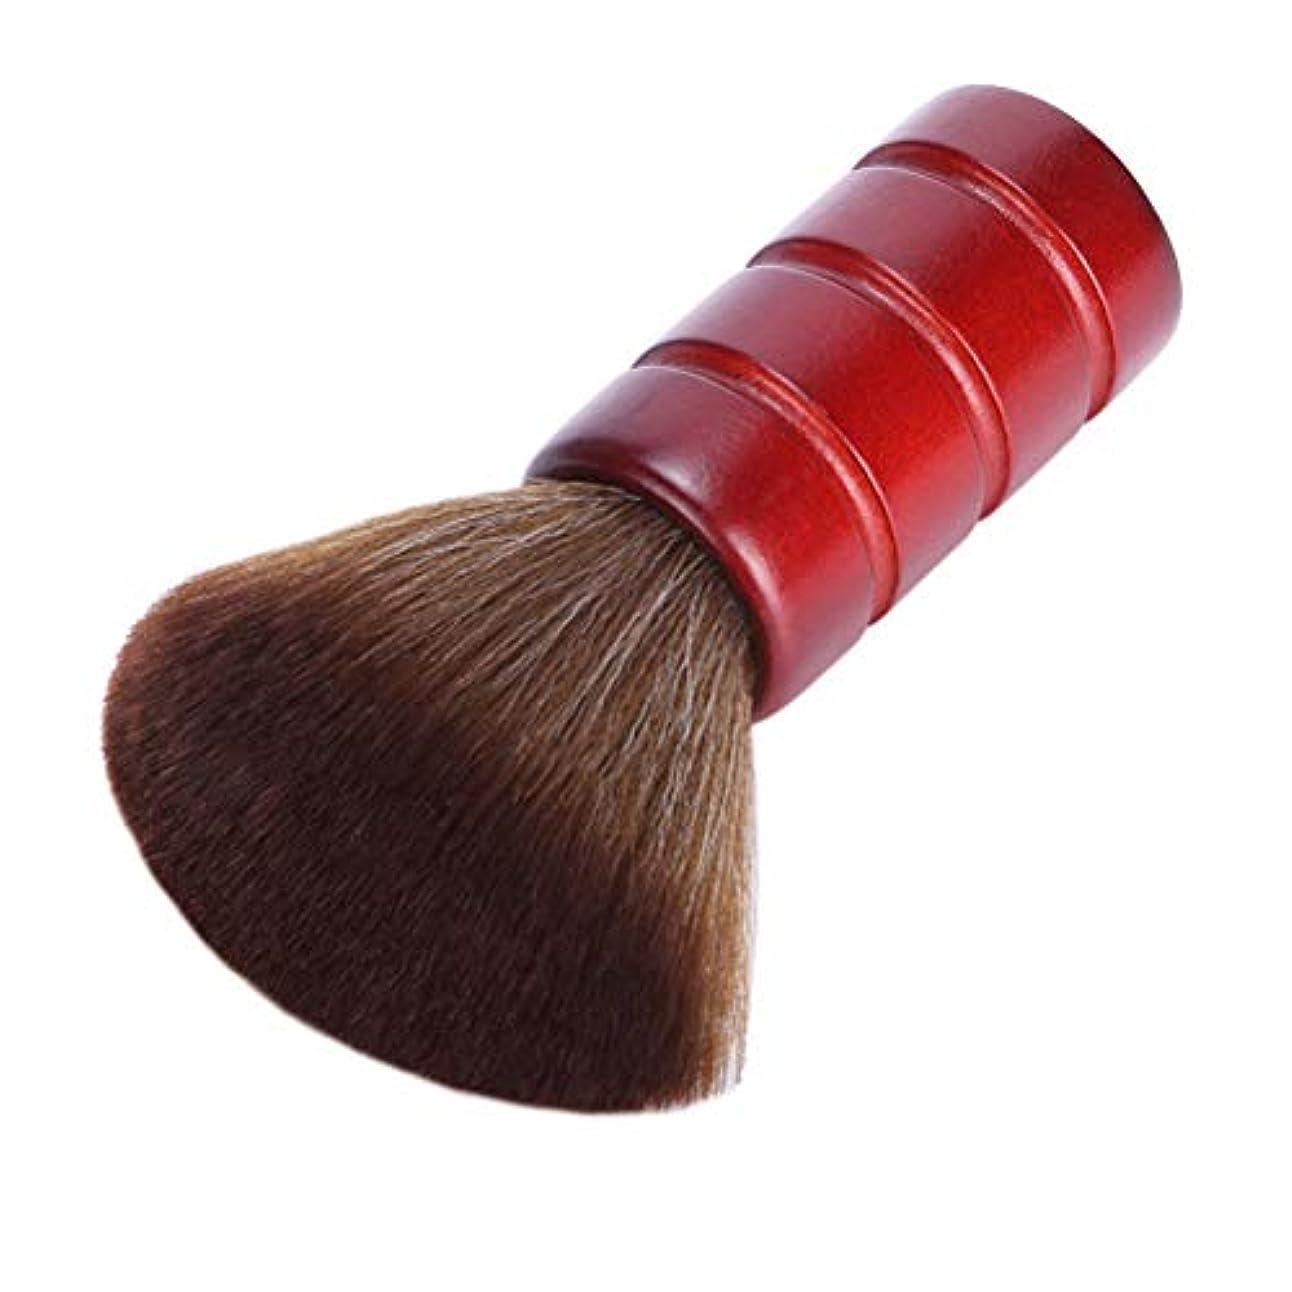 医薬無能本当にLurroseプロフェッショナルヘアカットブラシソフトファイバーフェイスネックダスターブラシ理髪サロン理容ツール